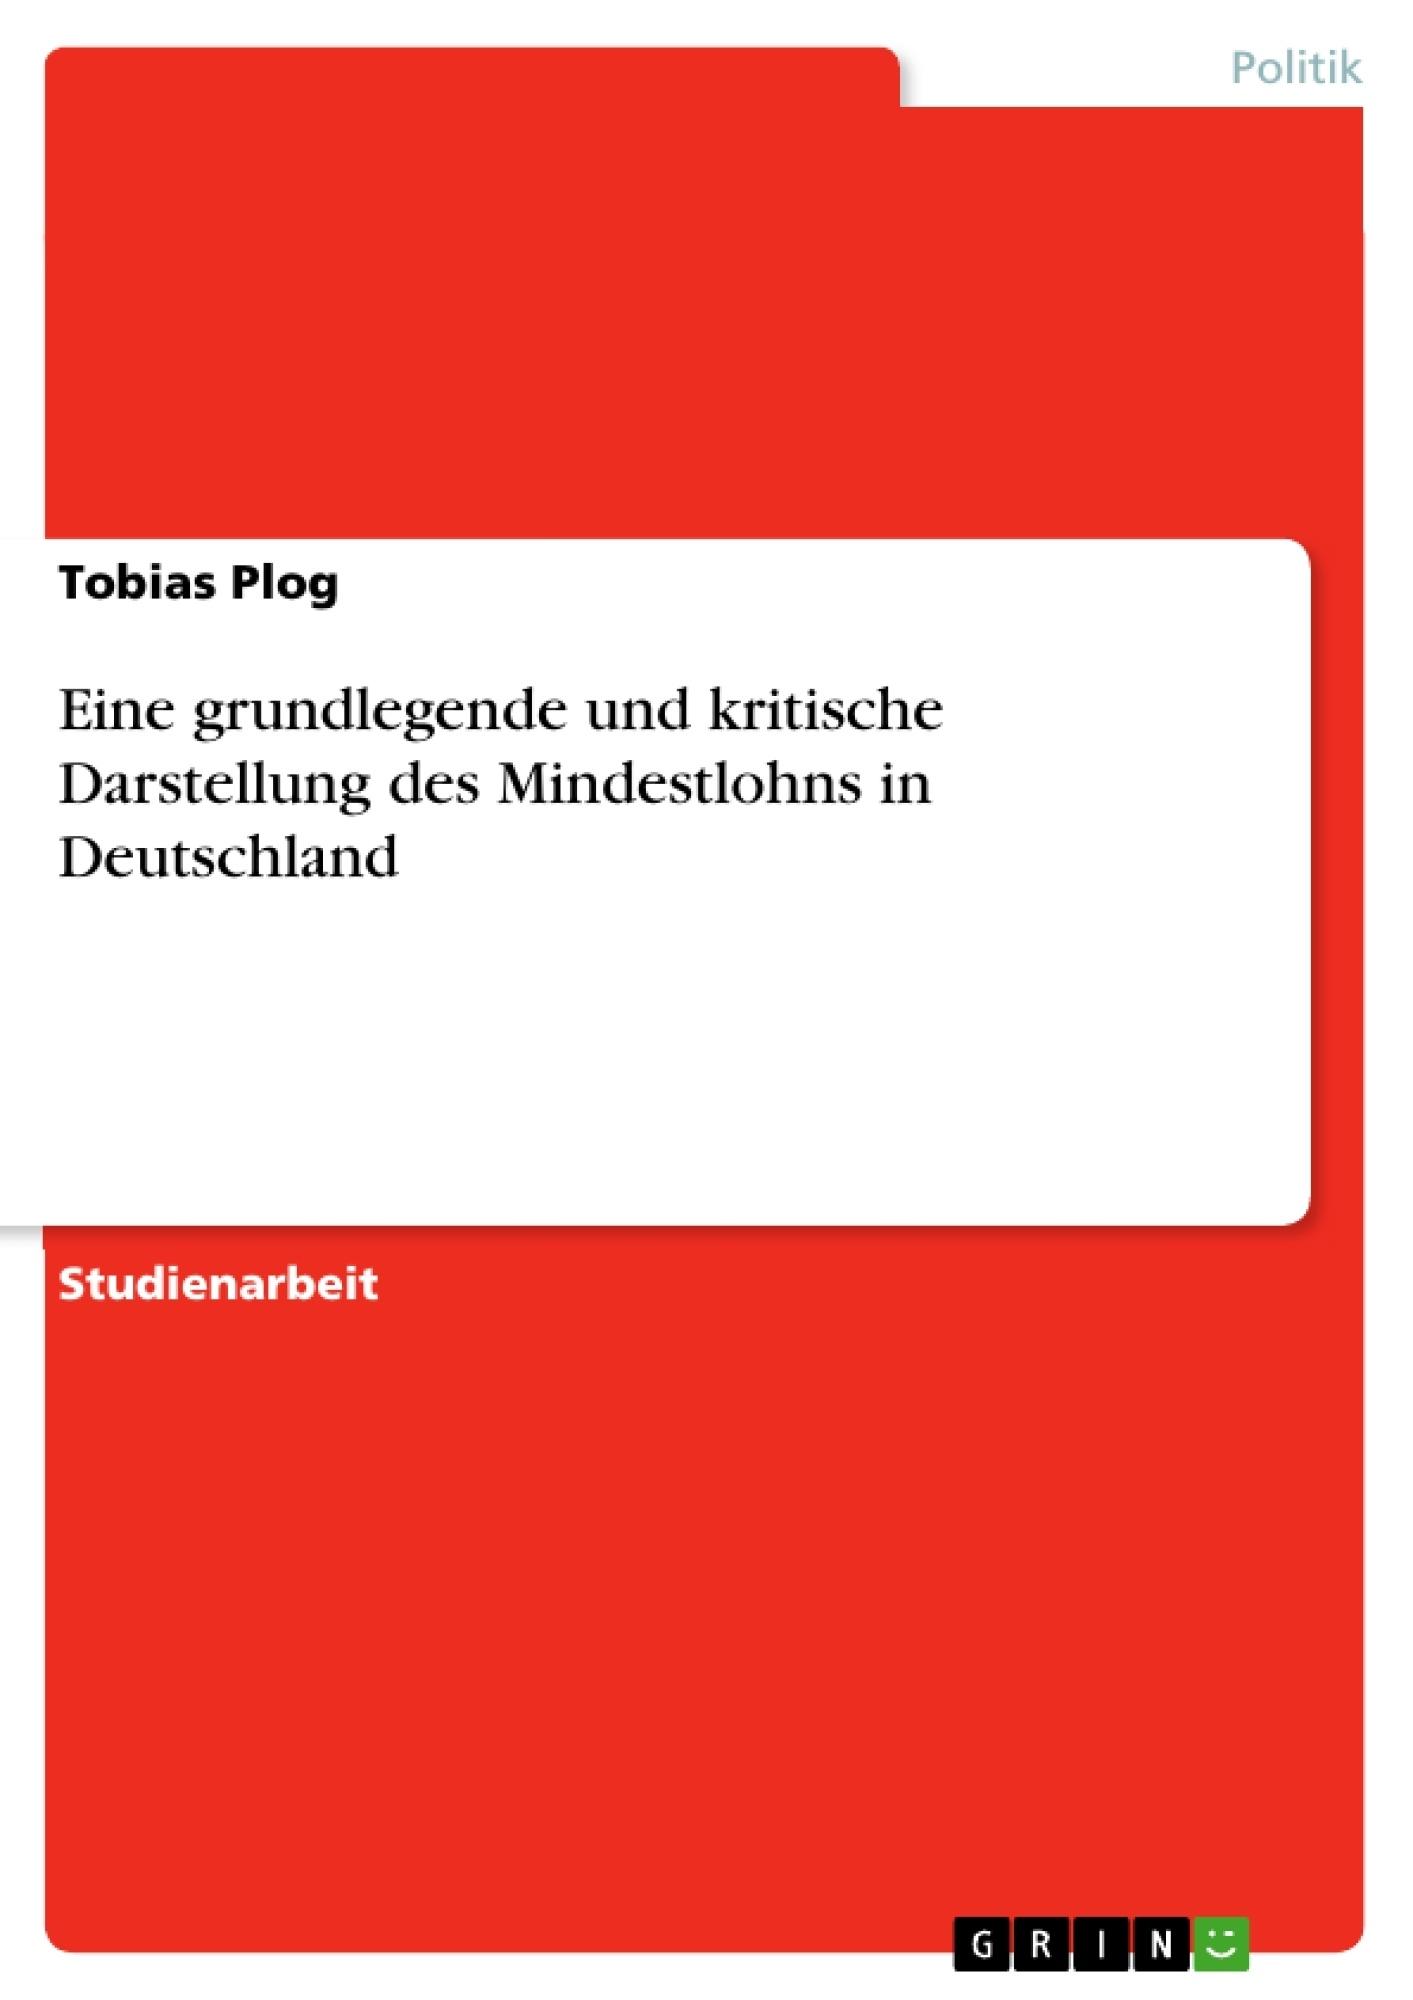 Titel: Eine grundlegende und kritische Darstellung des Mindestlohns in Deutschland